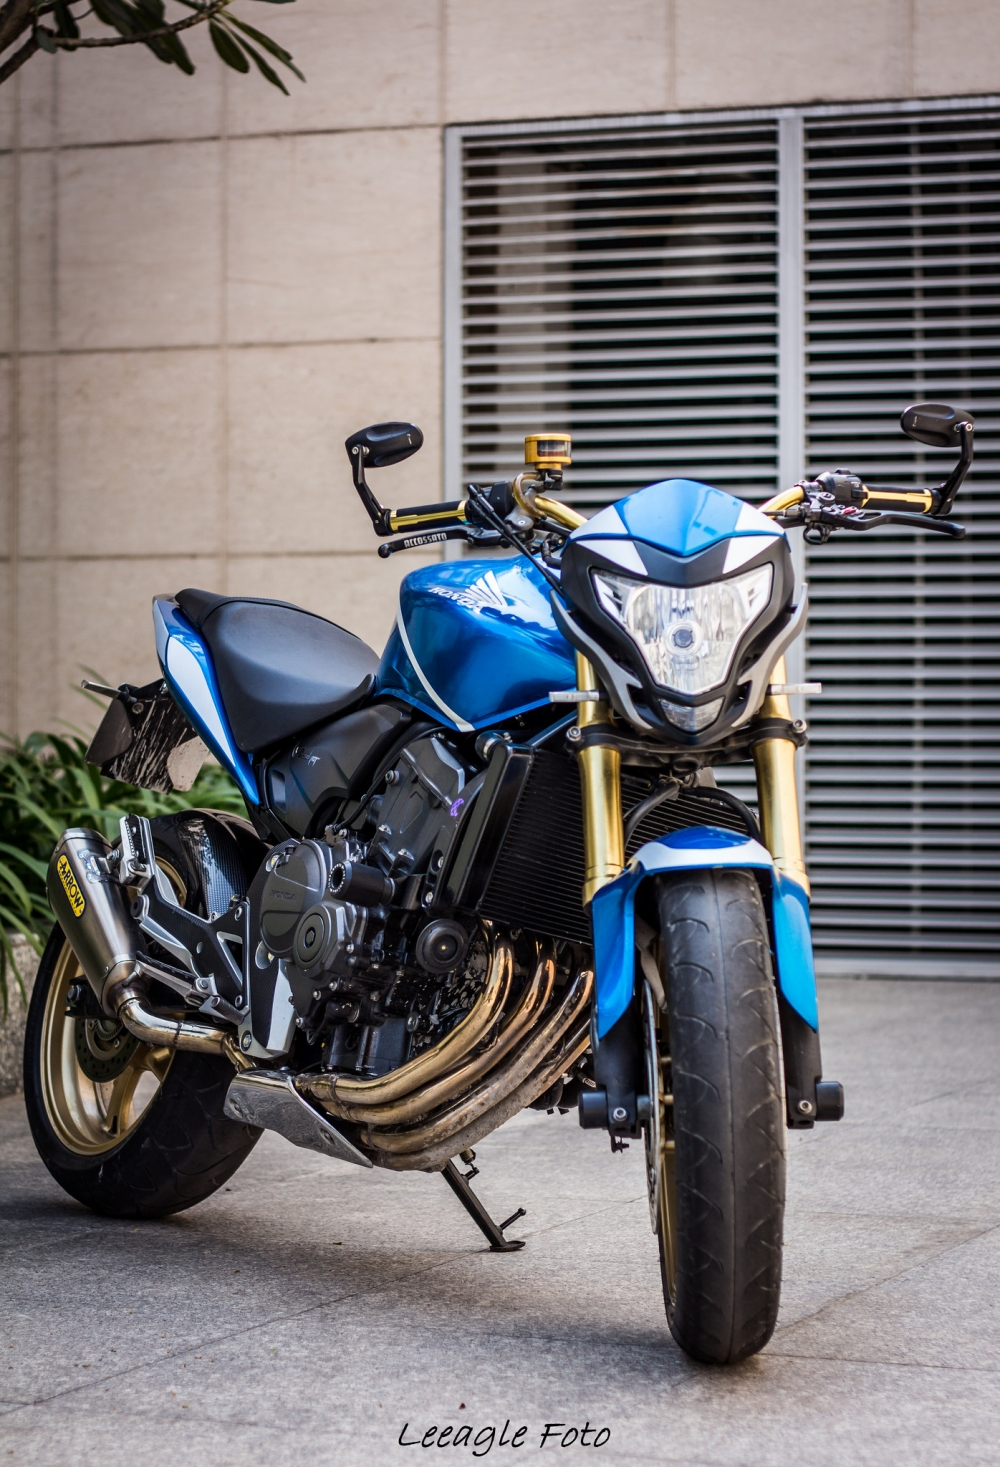 Honda cb600f độ siêu chất của một biker sài thành